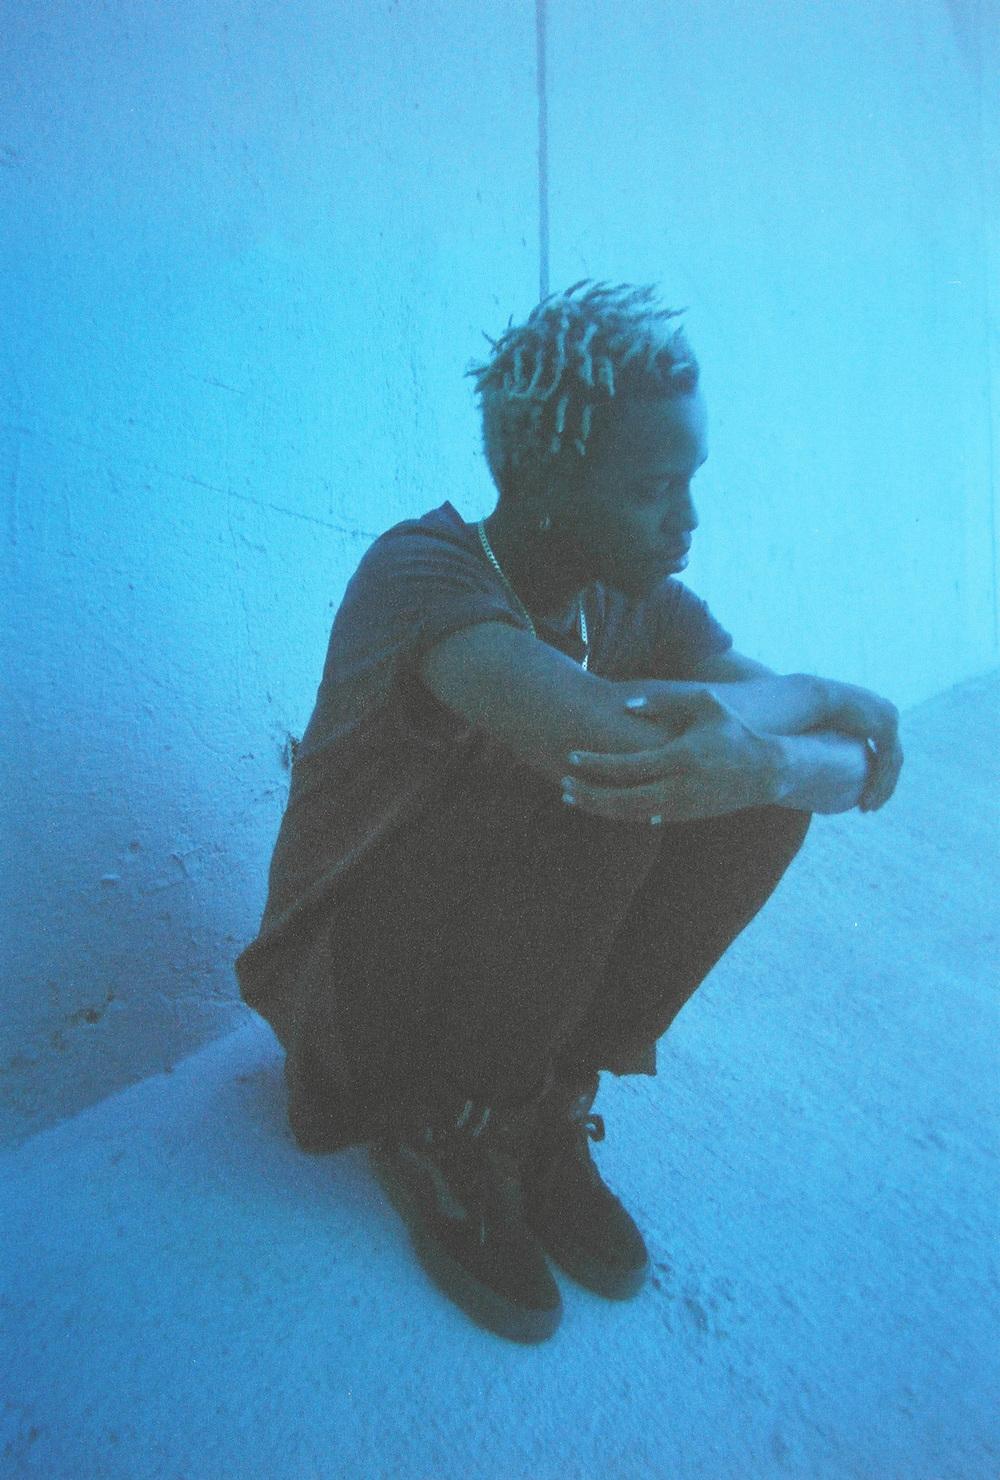 casenruiz-christian-film-blue-2.jpg